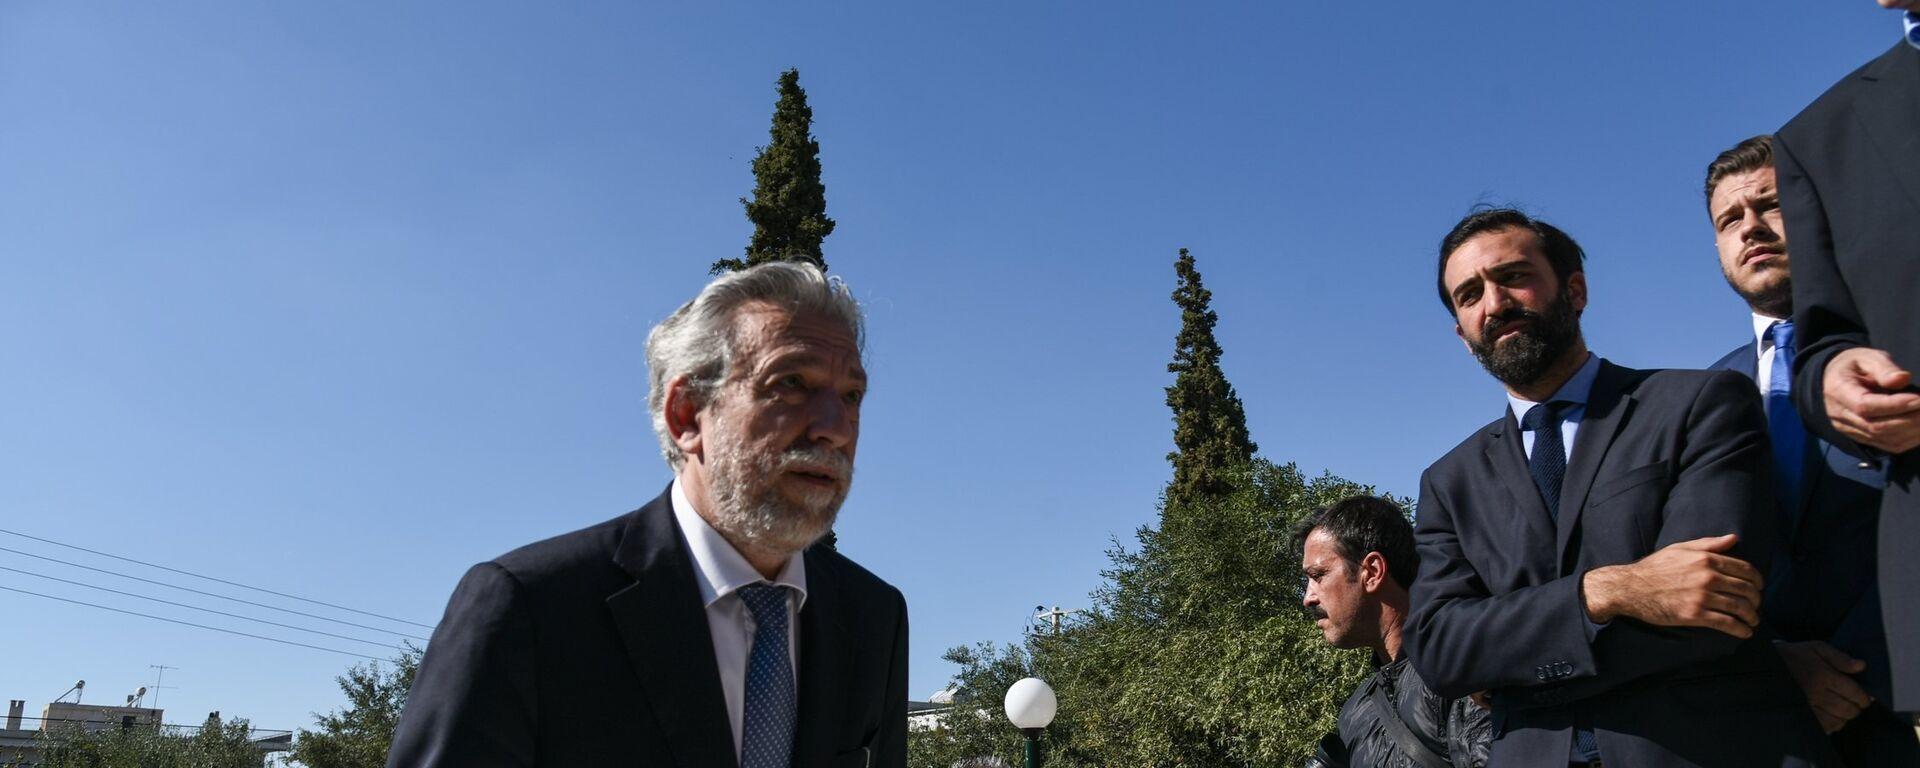 Ο υπουργός Δικαιοσύνης Σταύρος Κοντονής - Sputnik Ελλάδα, 1920, 09.04.2021